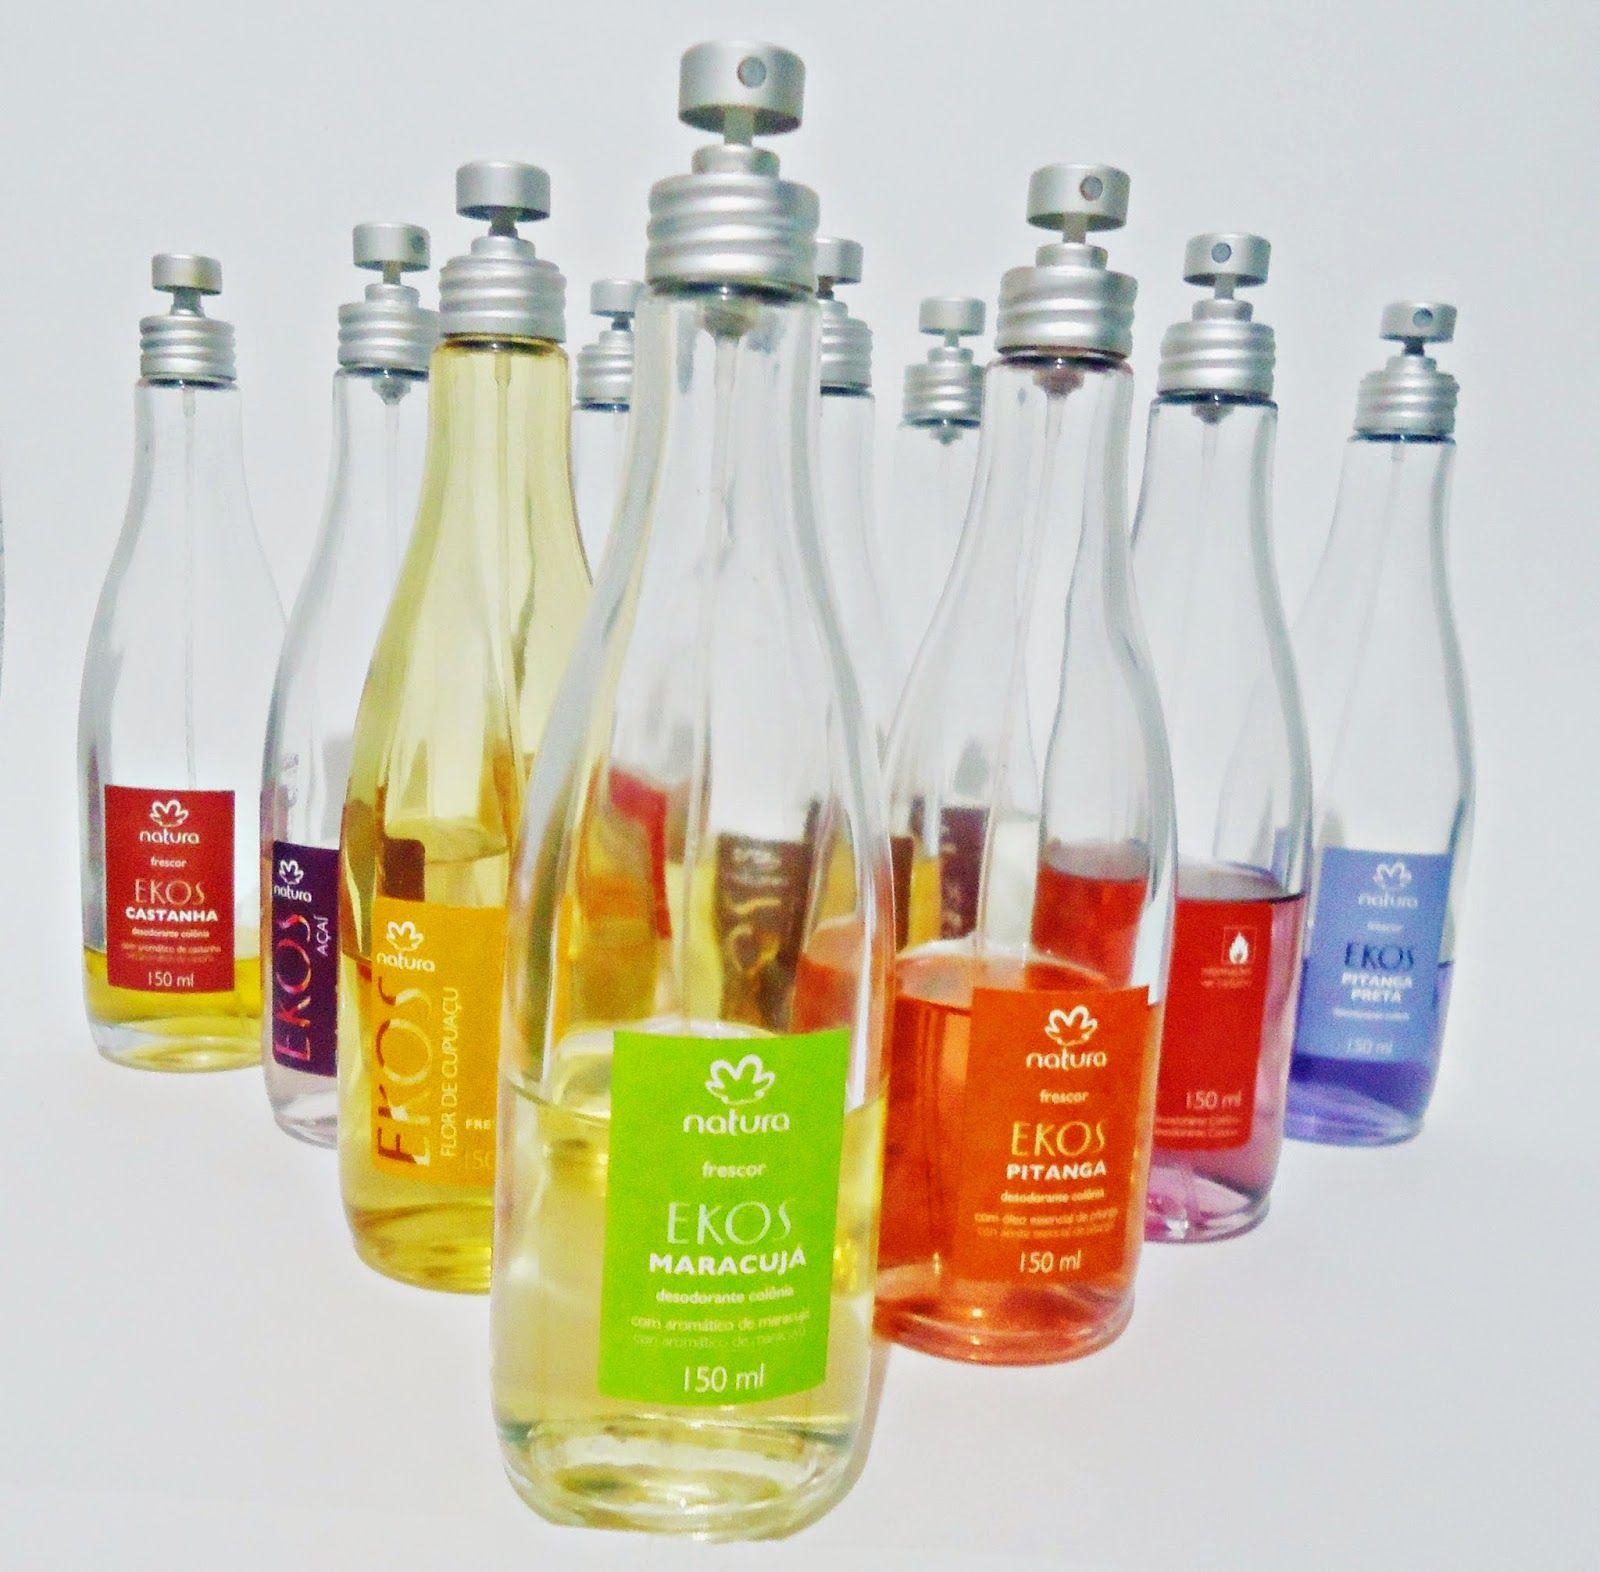 Minha Coleção de Perfumes    por Jordania martins | Chic Pra Arrasar       - http://modatrade.com.br/minha-cole-o-de-perfumes